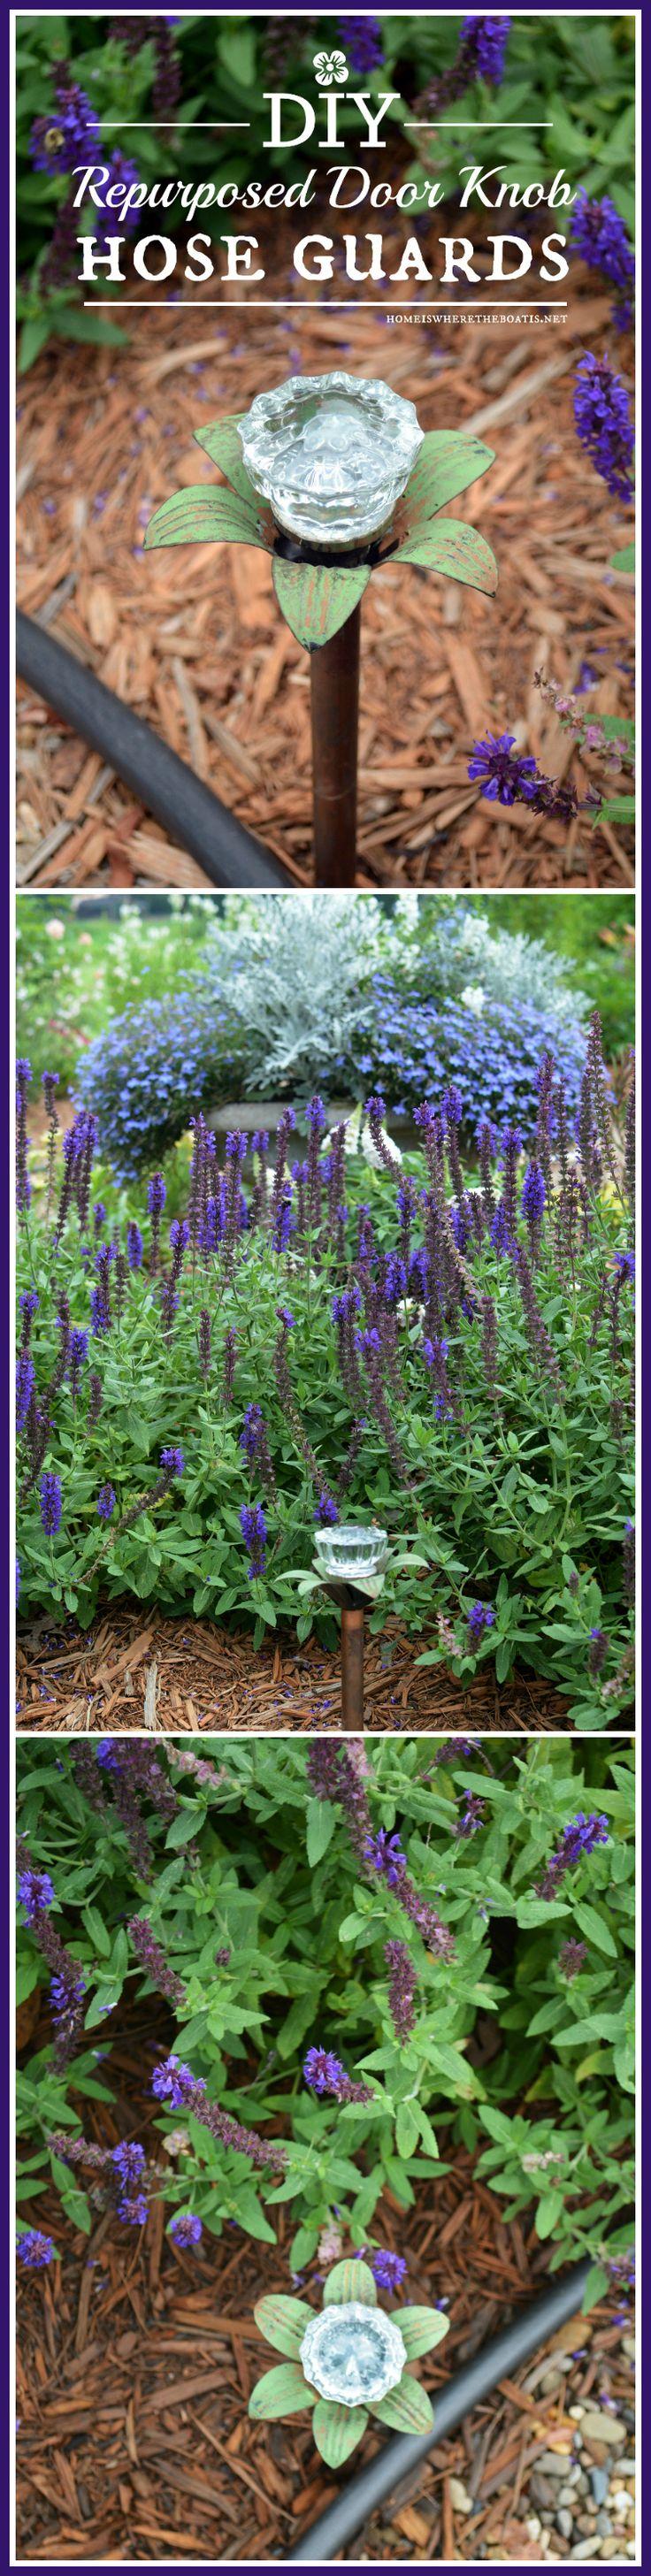 Fun and Functional Garden DIY: Blooming Door Knob Hose Guards! | homeiswheretheboatis.net #upcycle #garden